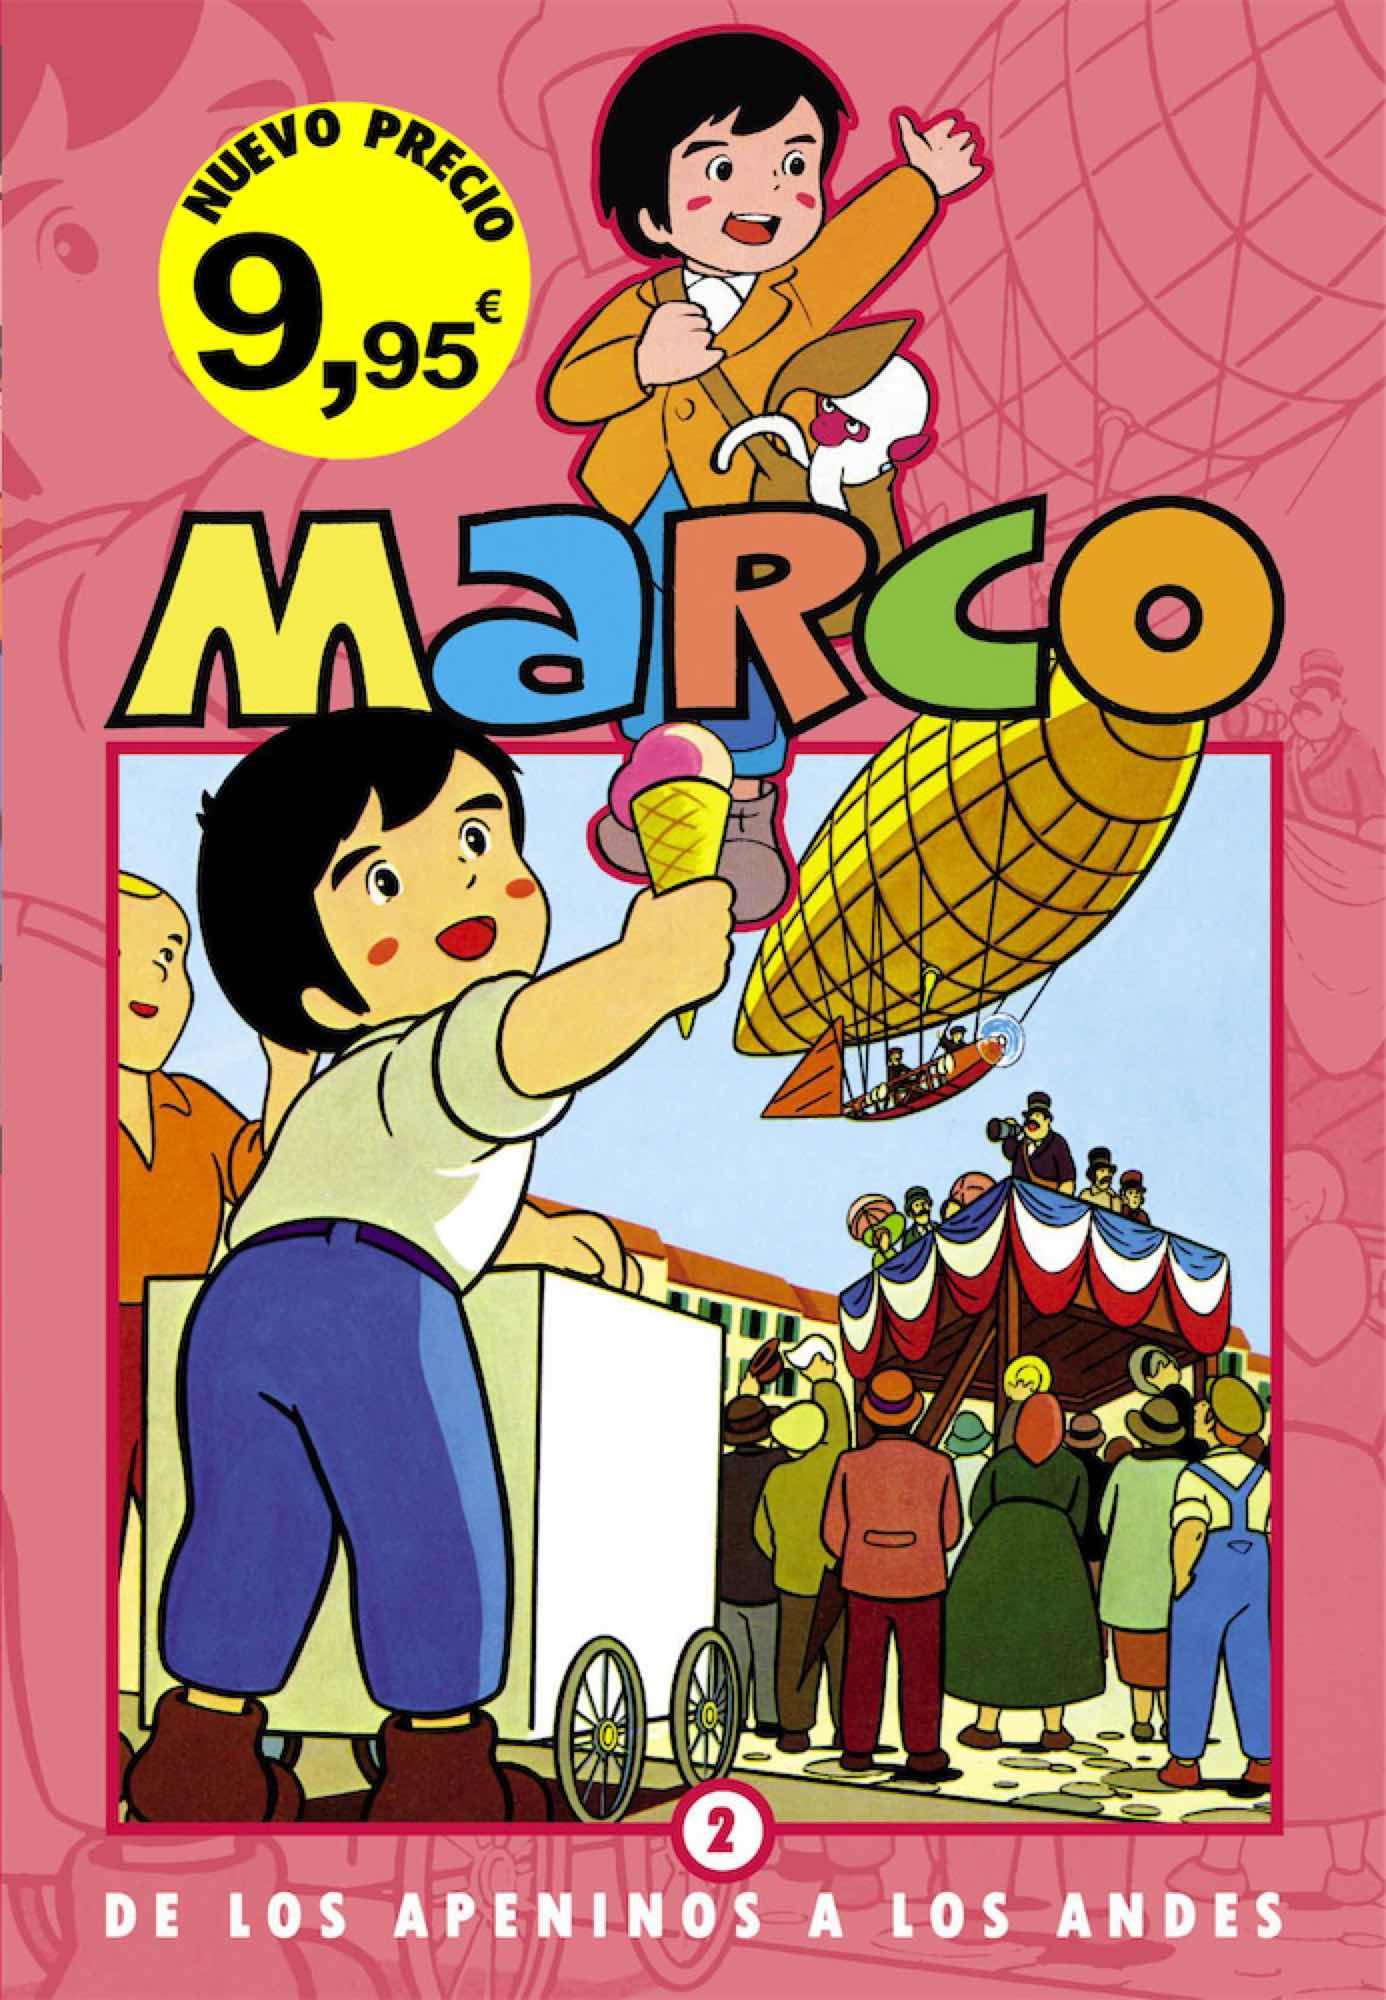 MARCO. DE LOS APENINOS A LOS ANDES 02